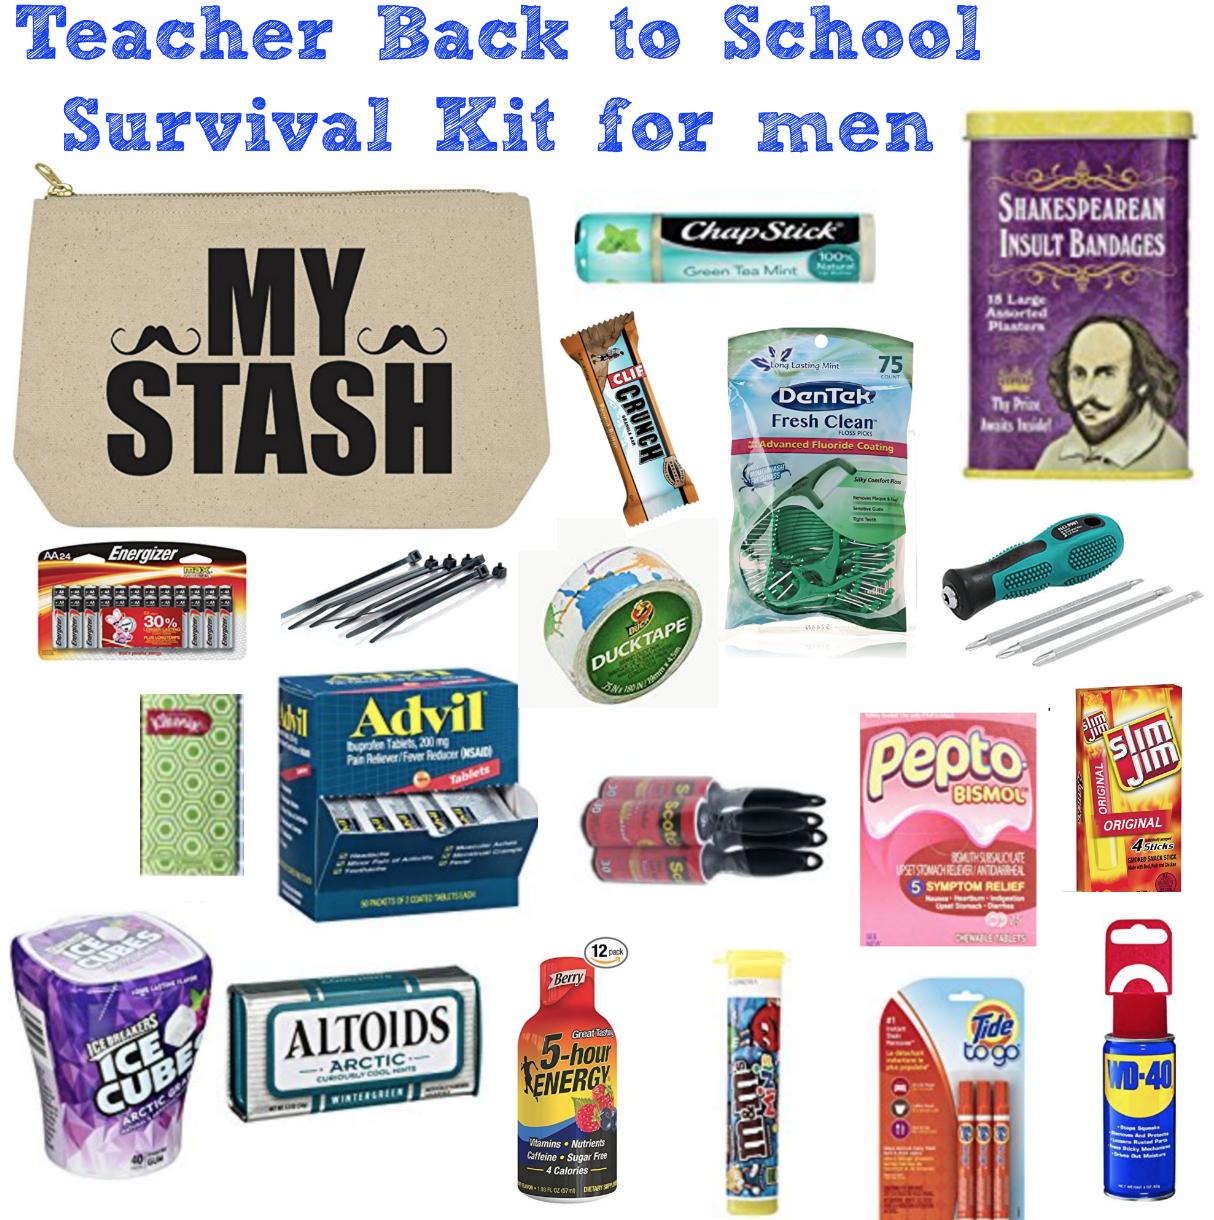 Teacher Survival Kit for Men